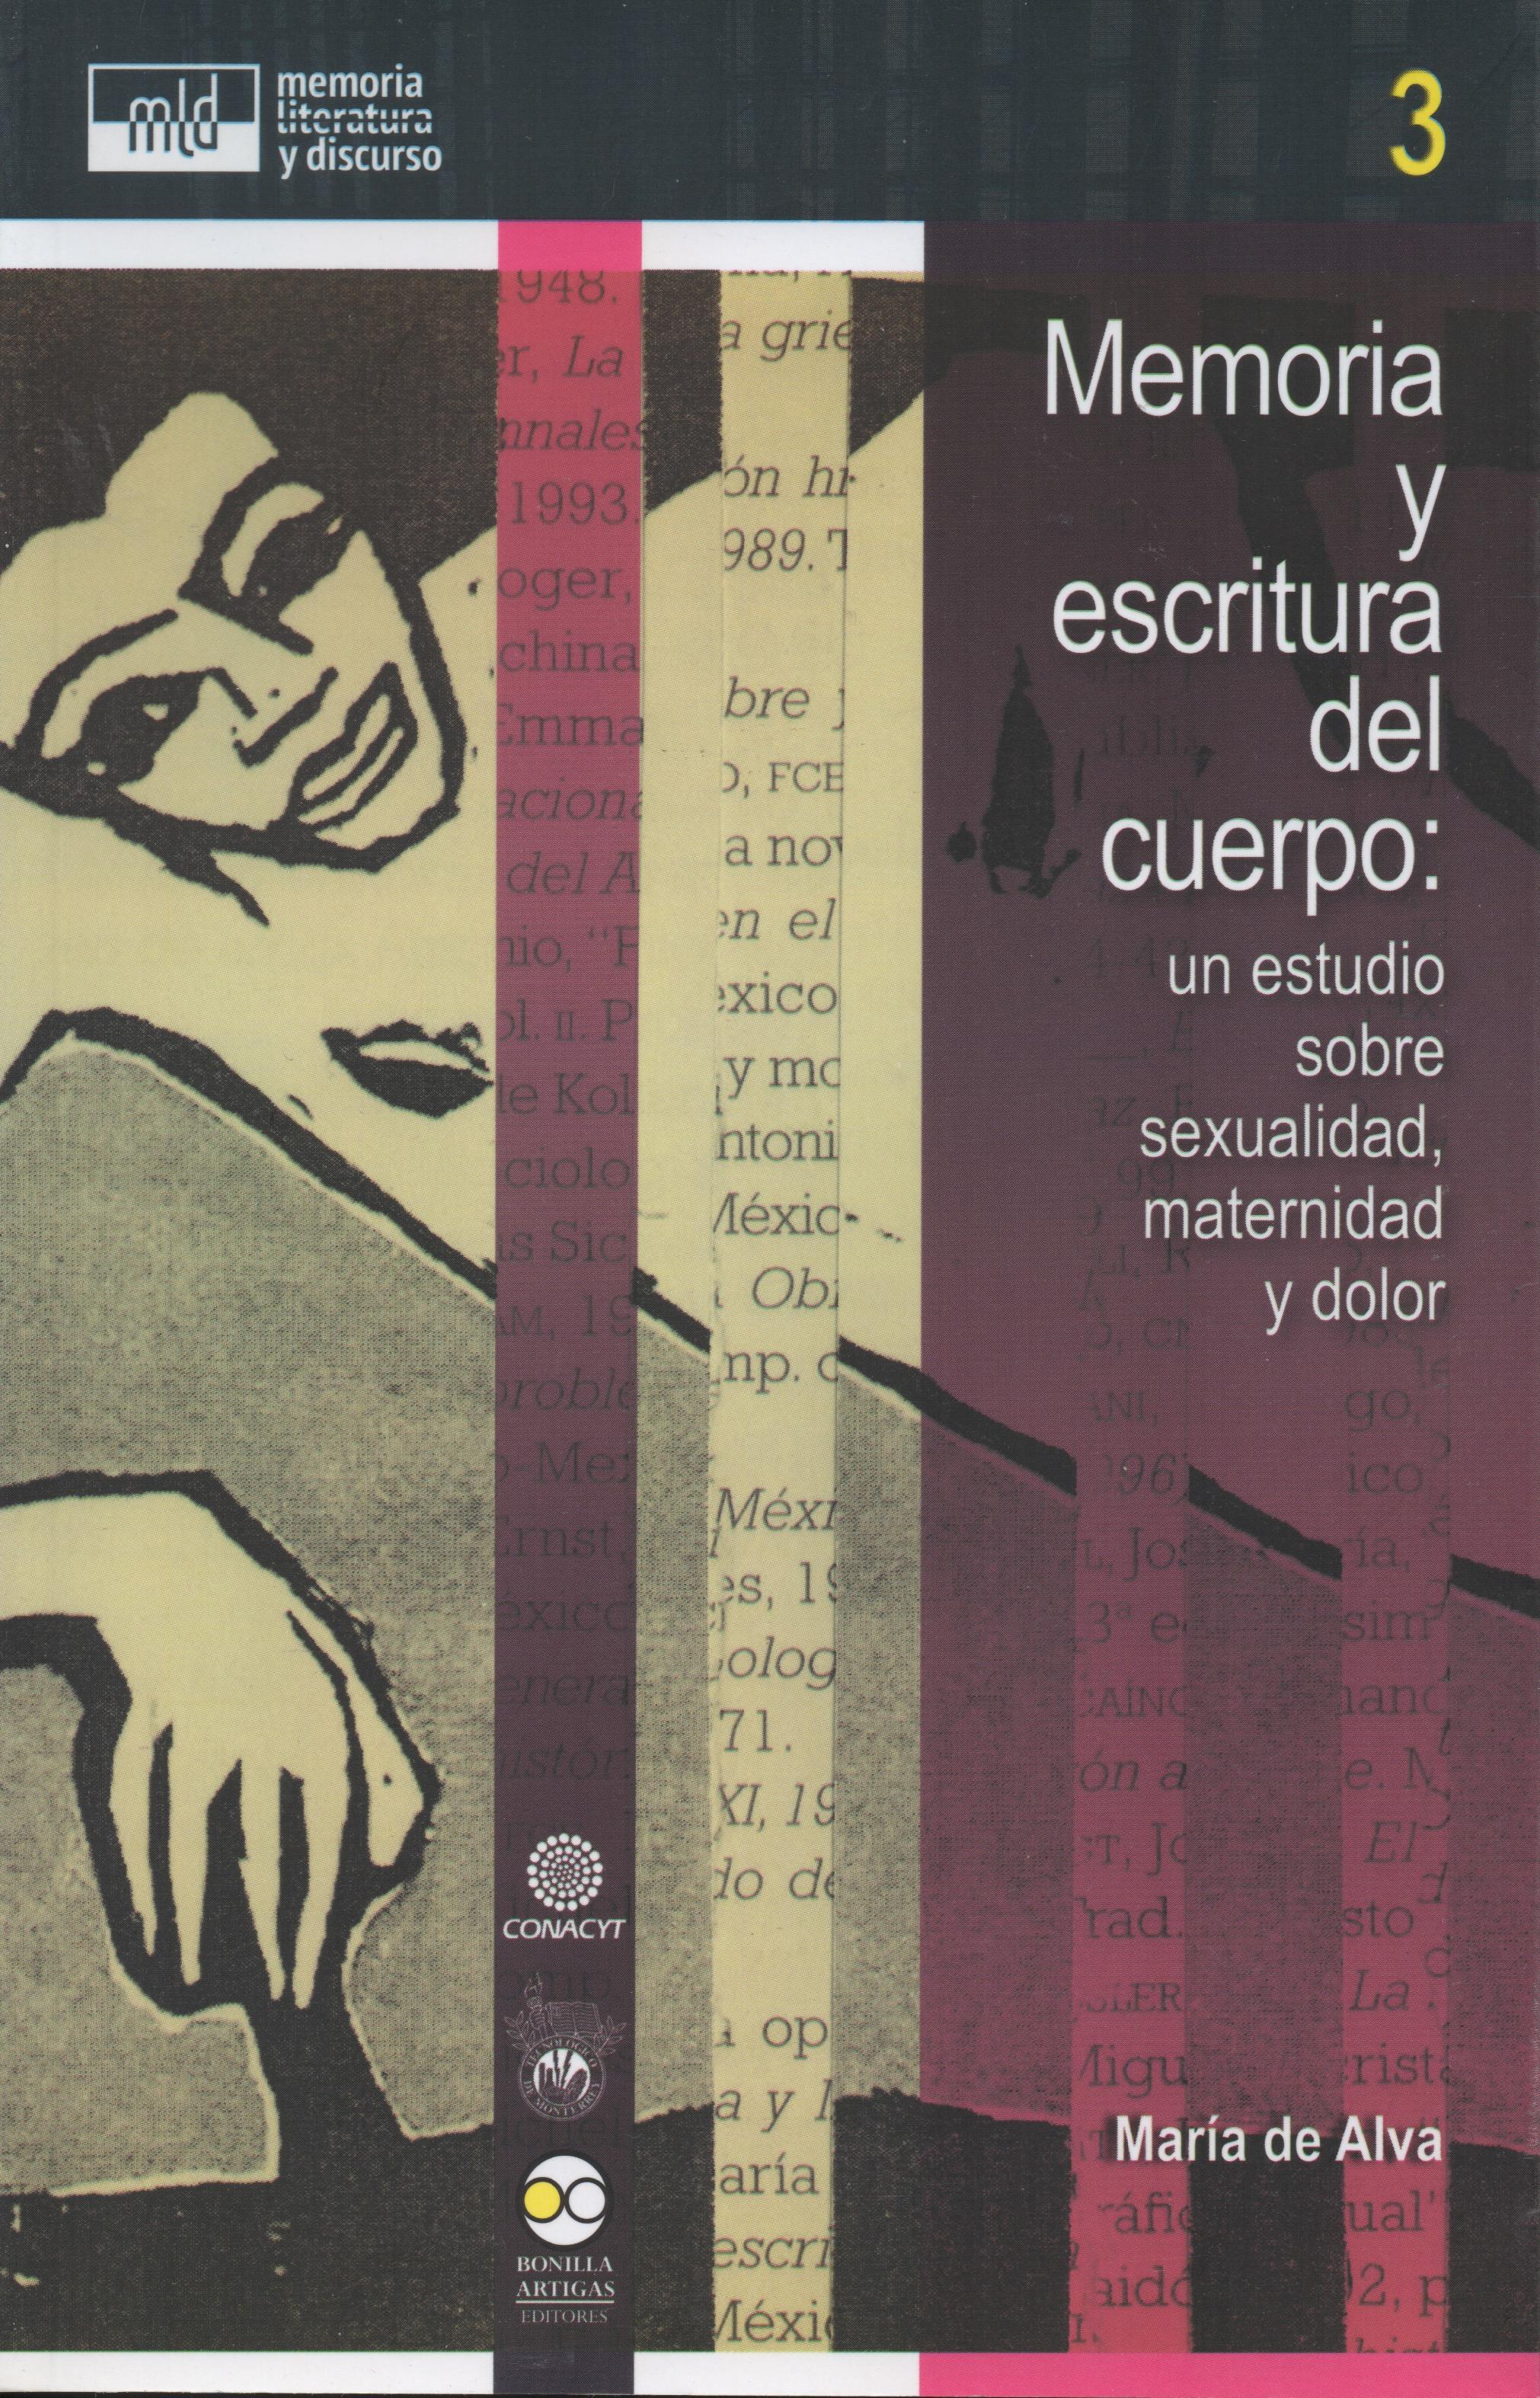 María de Alva Memoria y escritura del cuerpo: un estudio sobre sexualidad, maternidad y dolor